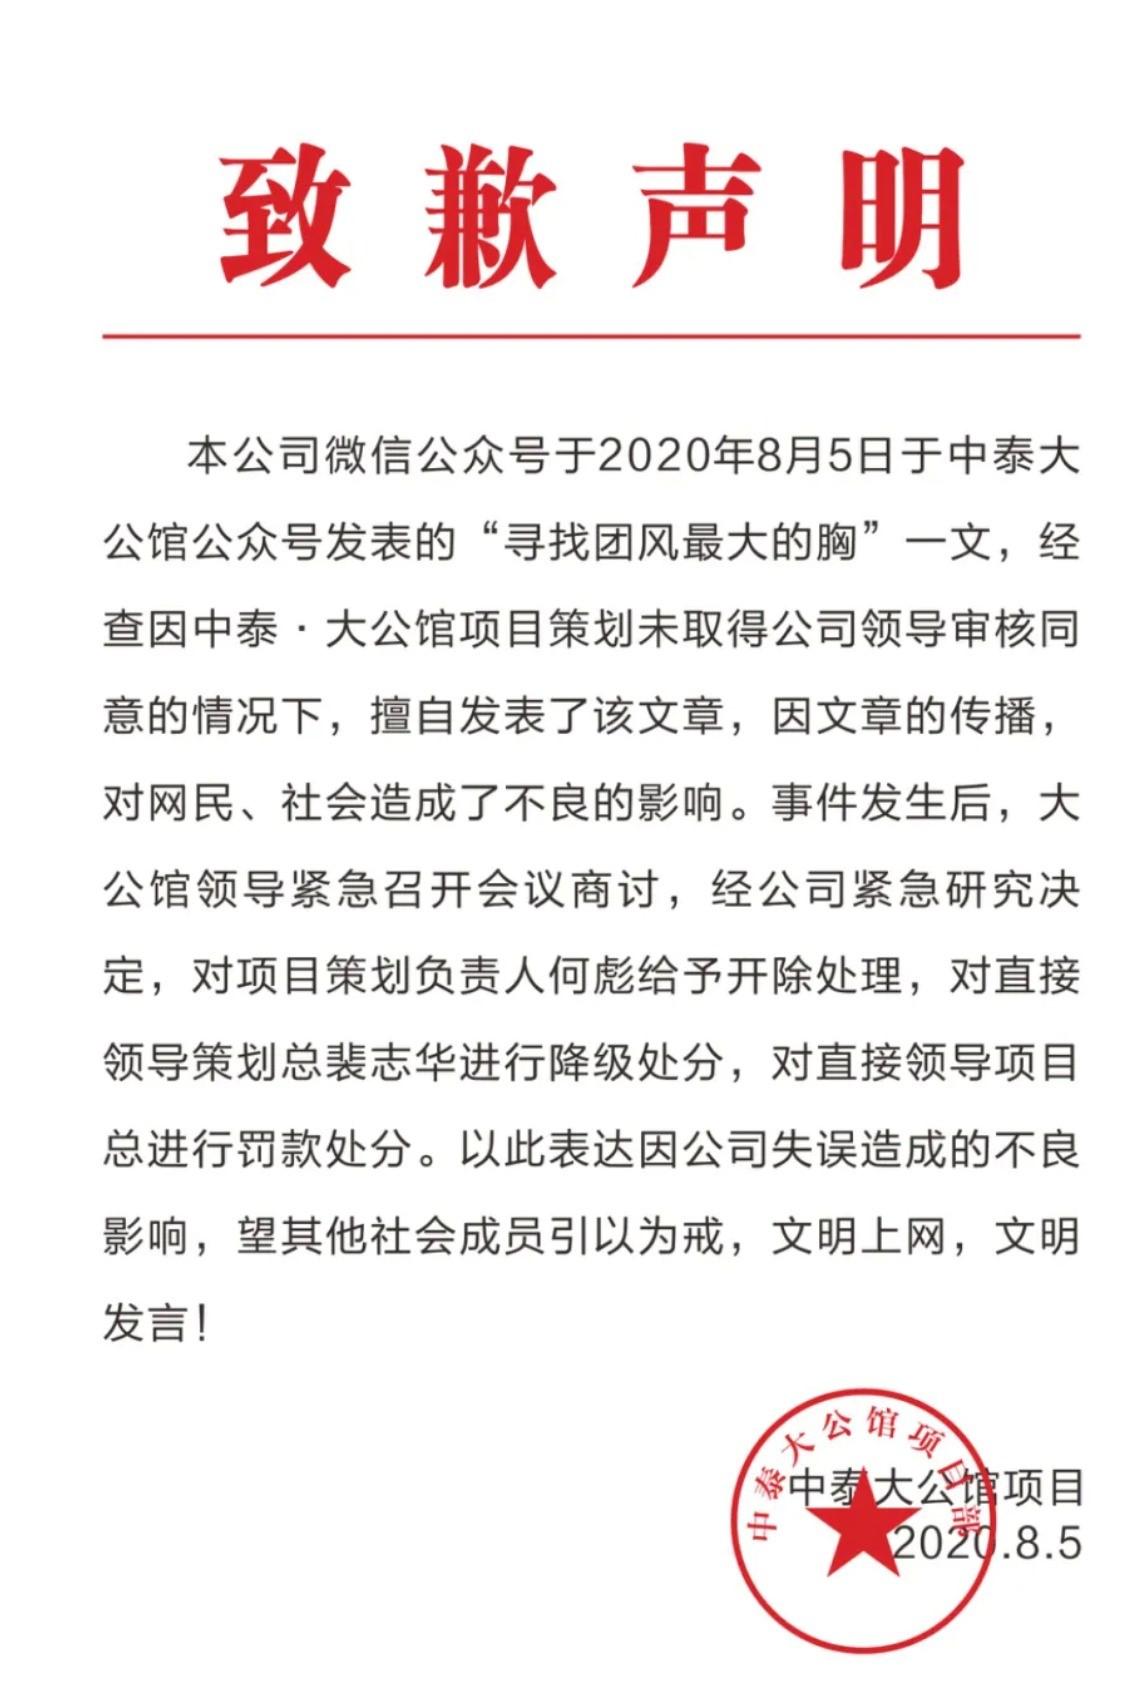 湖北一房企文案涉嫌低俗宣传 已开除项目策划负责人